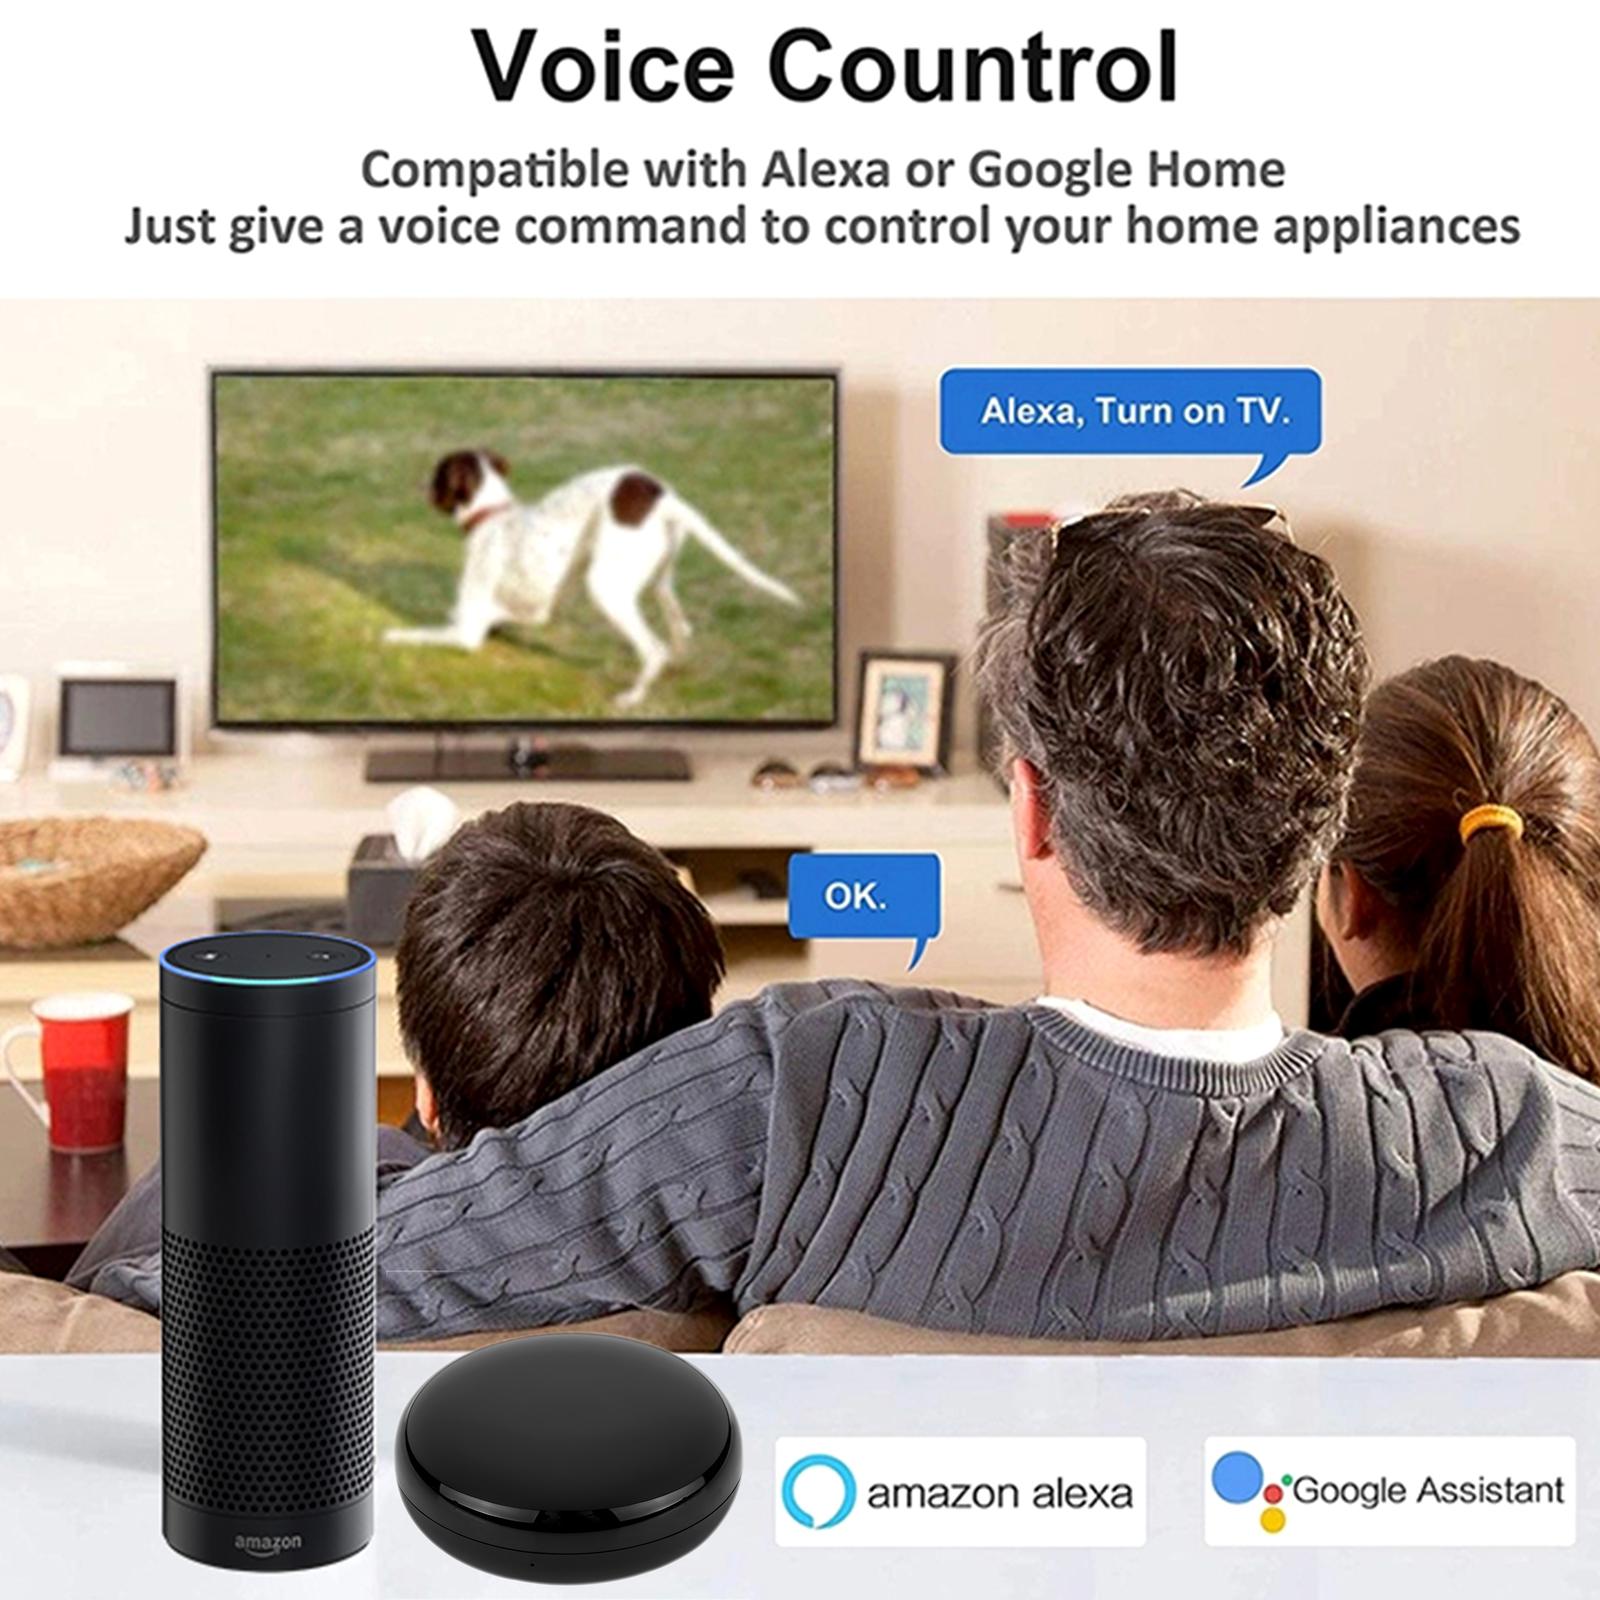 Control Remoto Conveniente Todo En Uno Leeofty Control Remoto Universal Inteligente Wi-Fi//IR Dom/óTica Inteligente Compatible con Alexa//Echo//Google Home